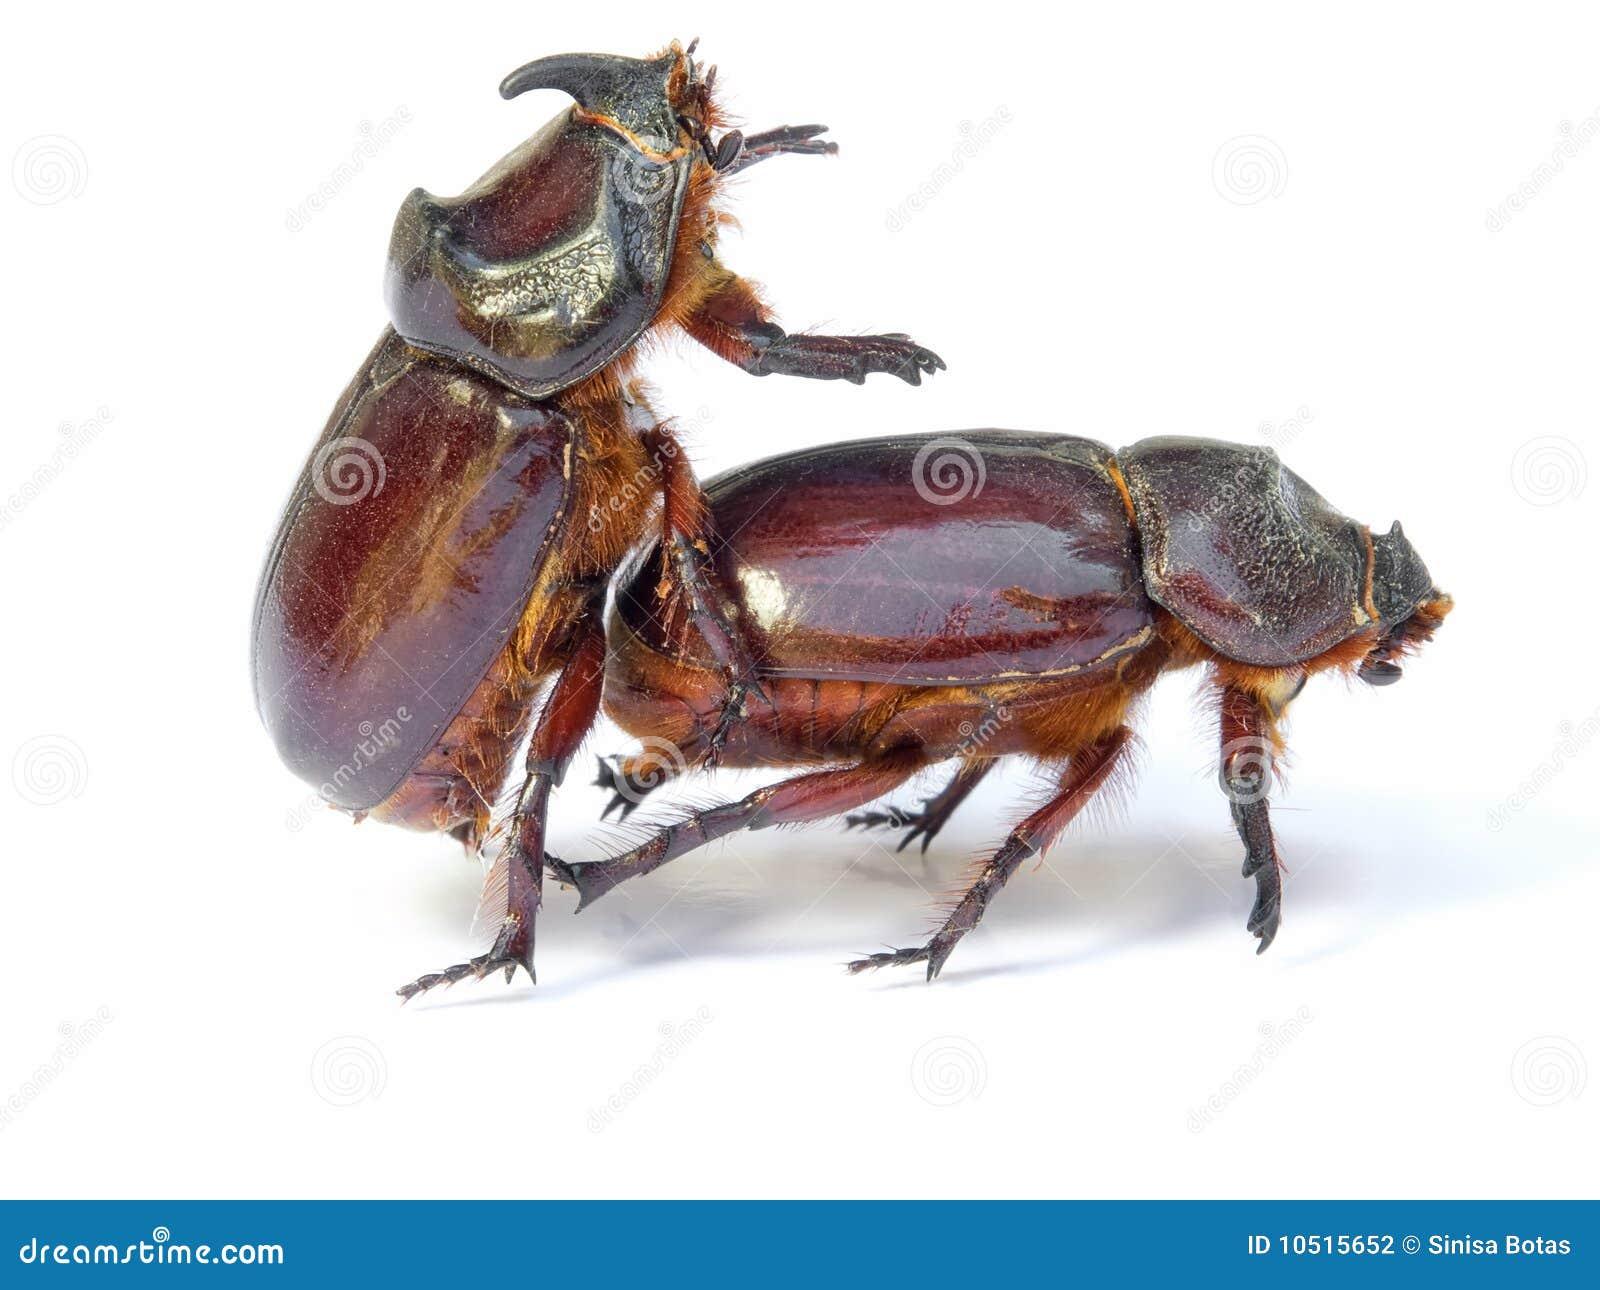 Bugs Sex 103